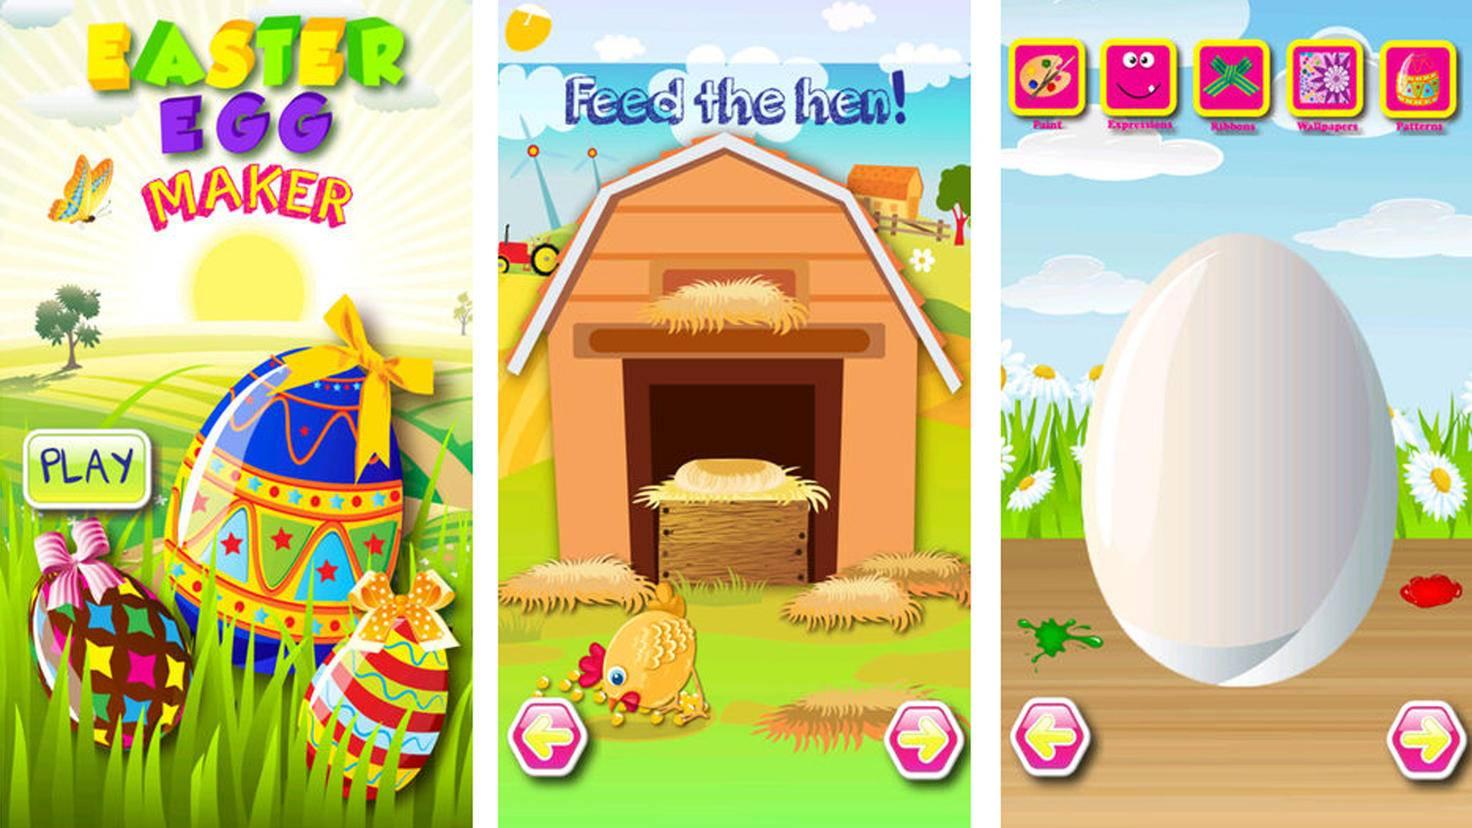 Easter-Egg-Maker